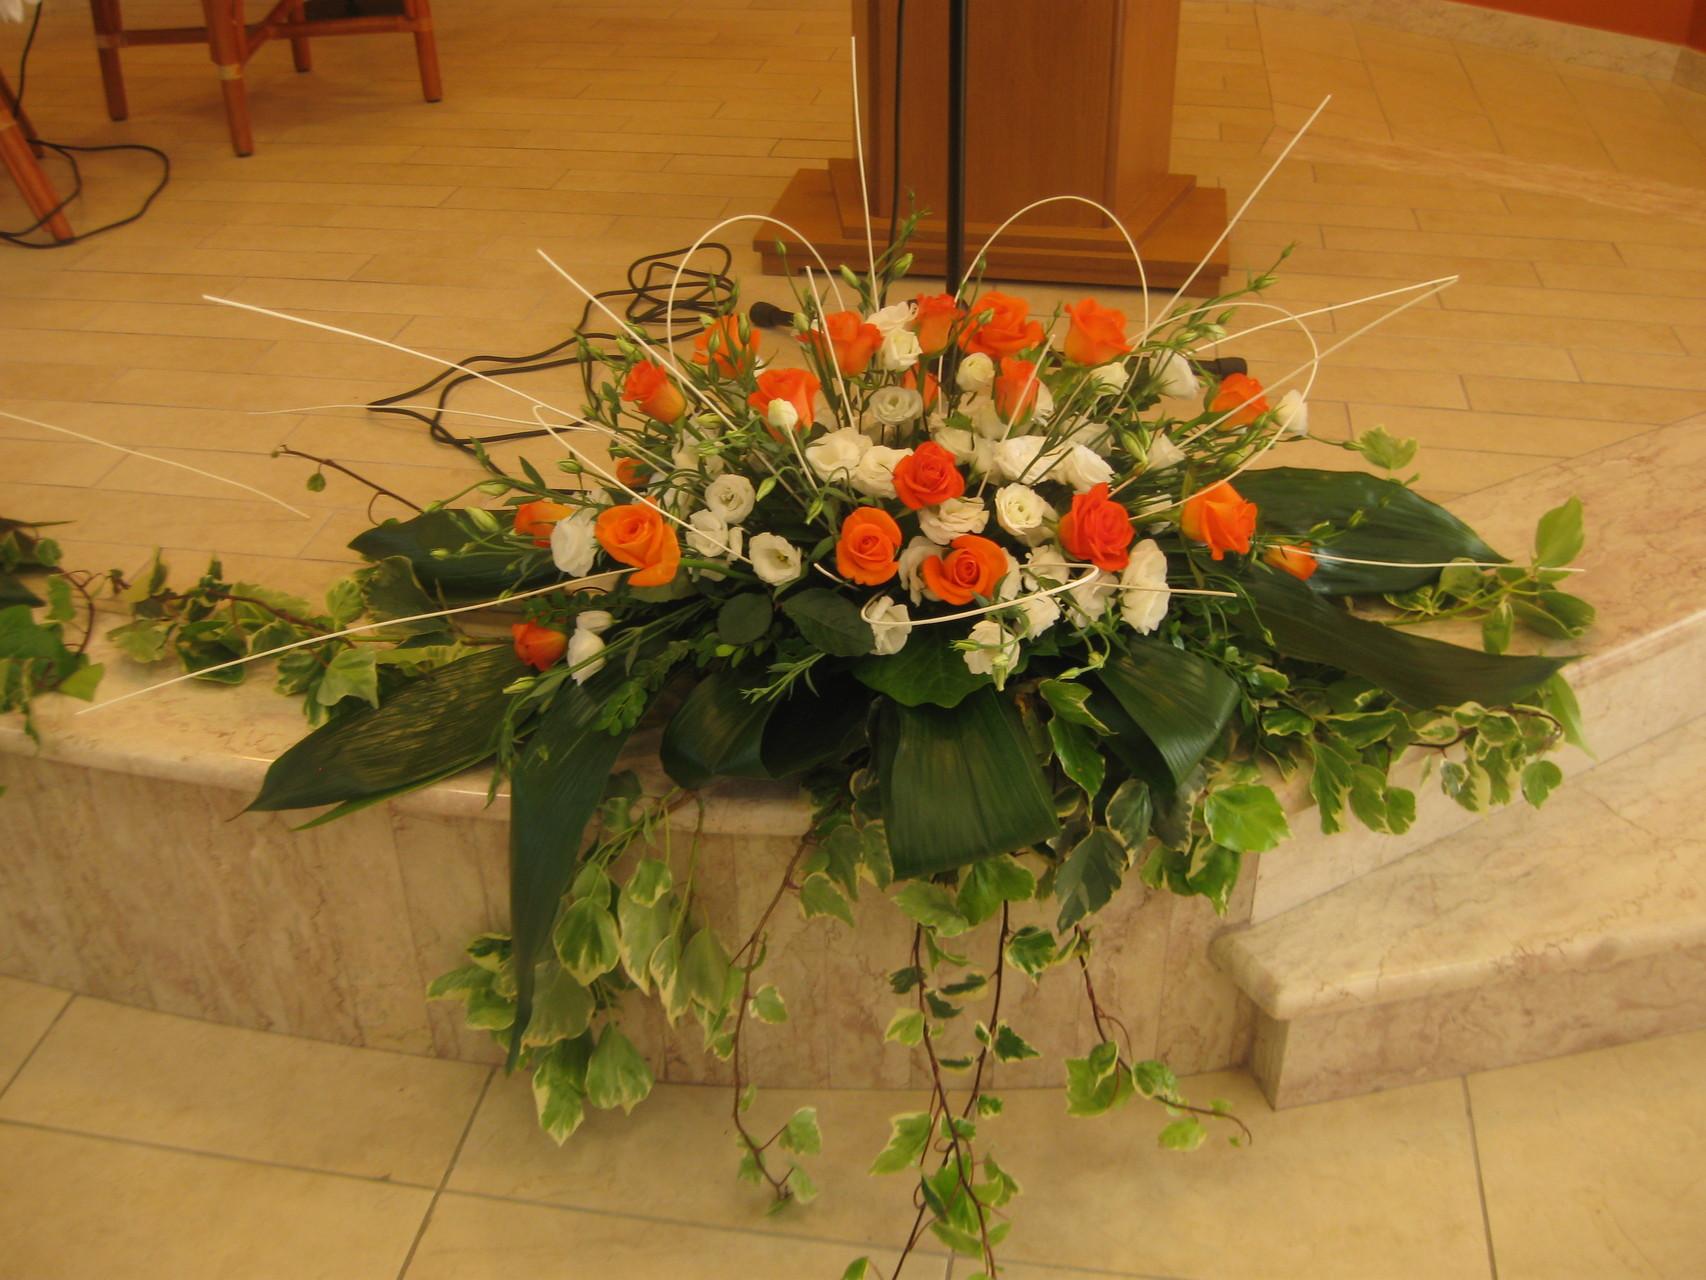 Decorazioni Matrimonio Arancione : Decorazioni floreali matrimonio decorazioni floreali matrimonio